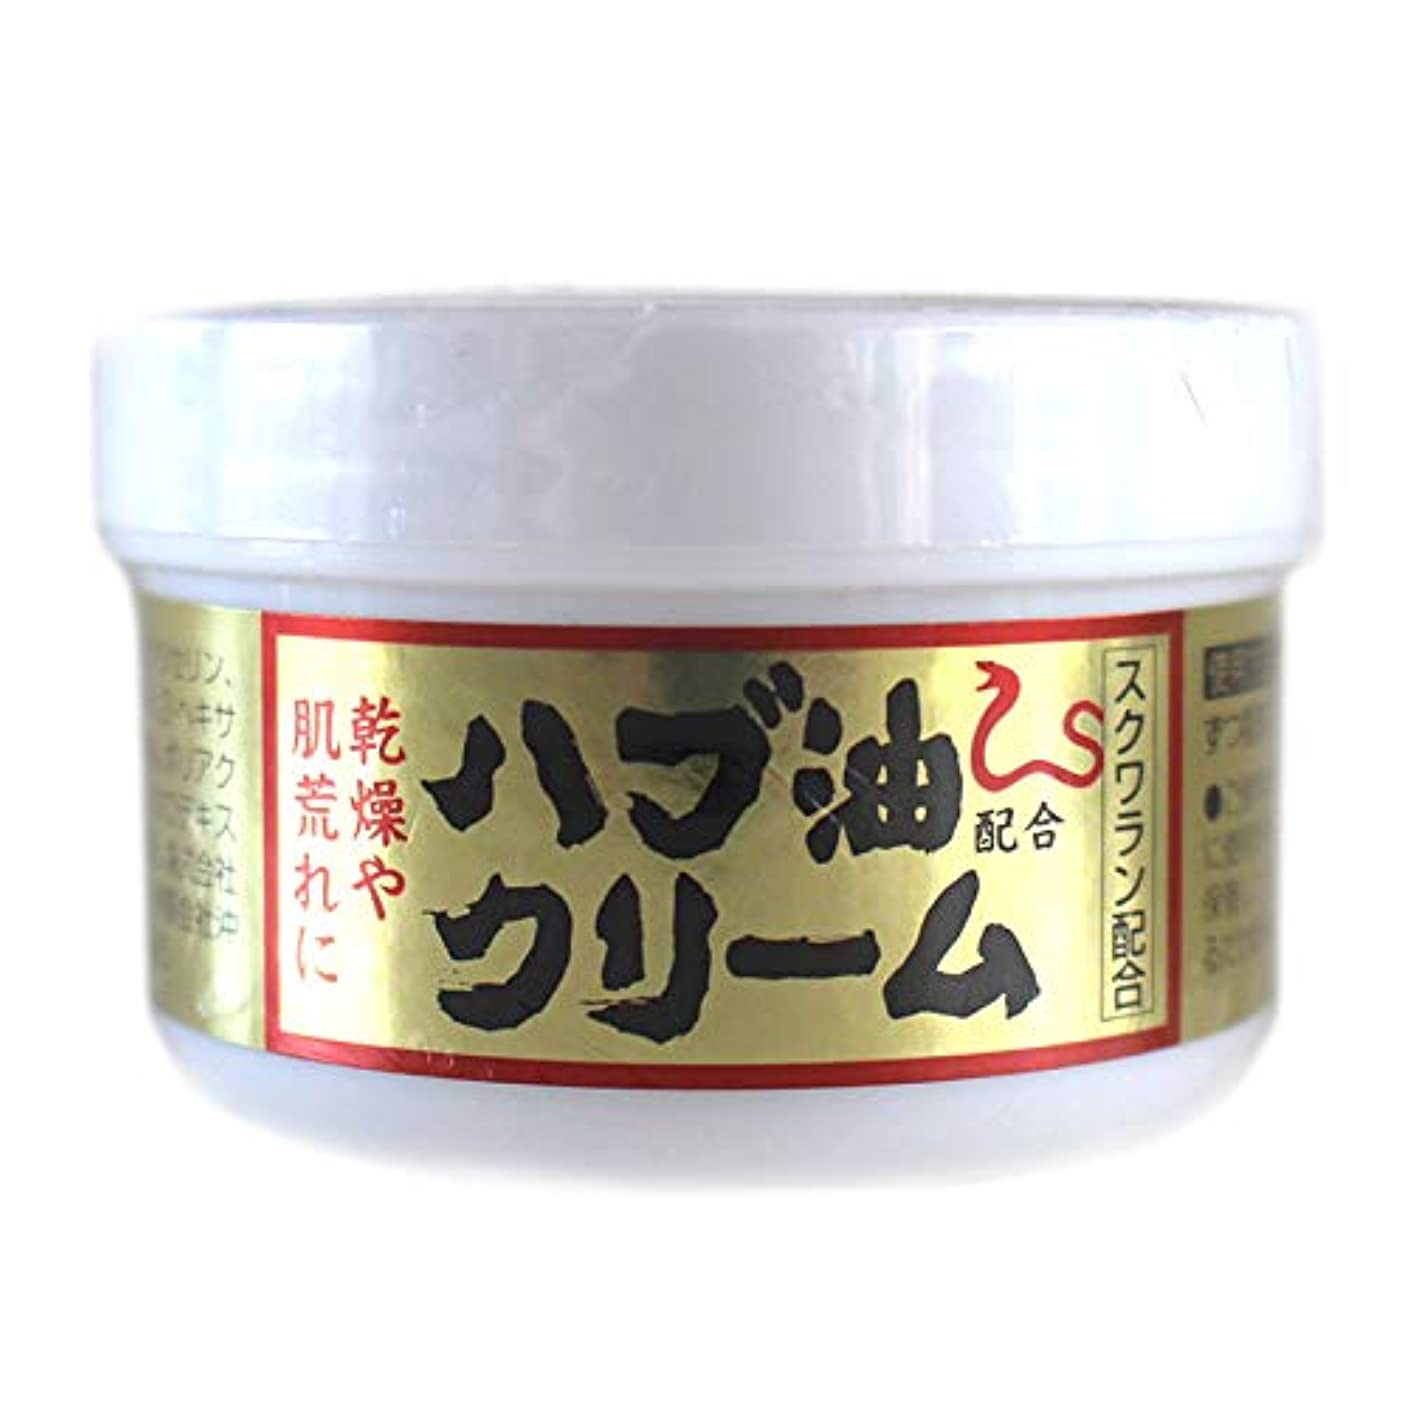 不誠実側怠惰ハブ油配合クリーム 3個【1個?50g】